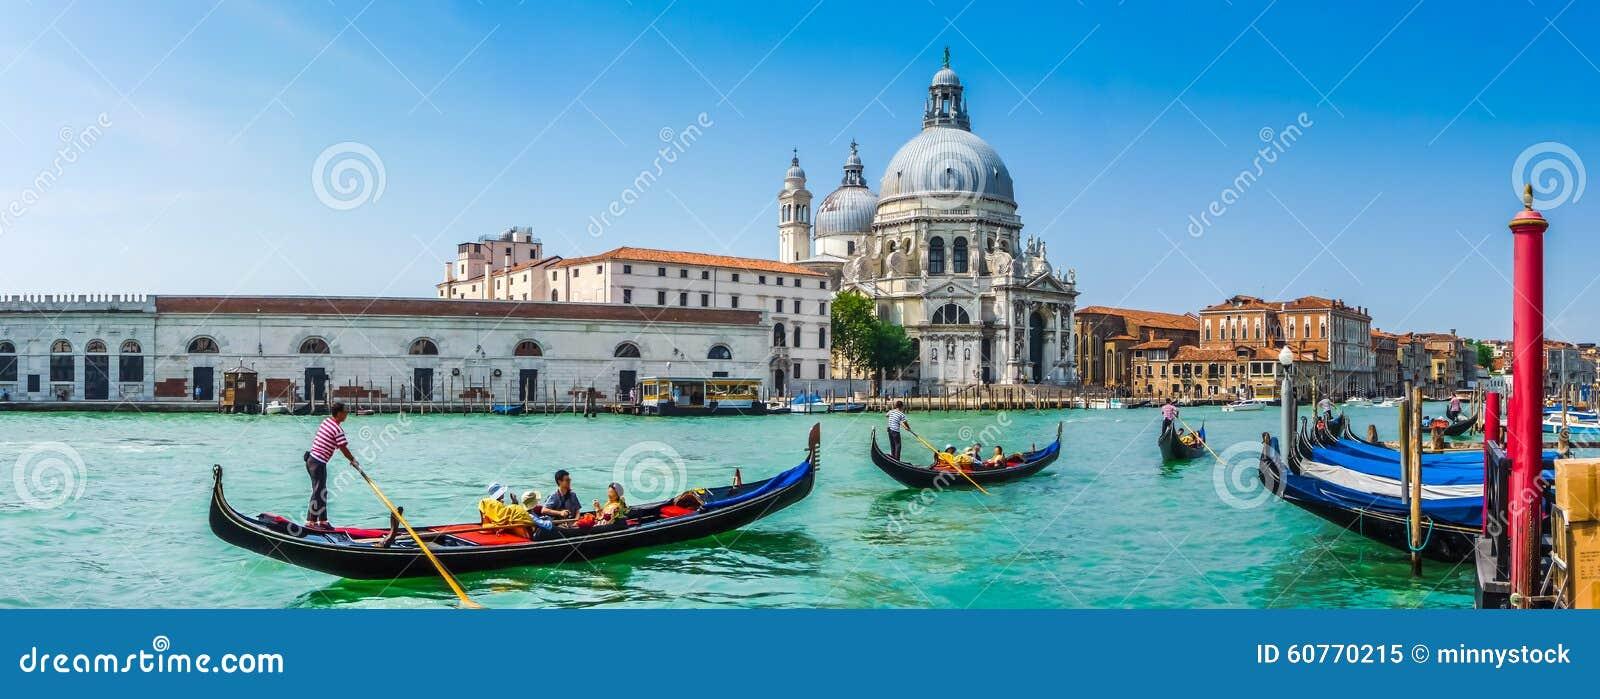 Γόνδολες στο κανάλι Grande με το Di Σάντα Μαρία, Βενετία, Ιταλία βασιλικών